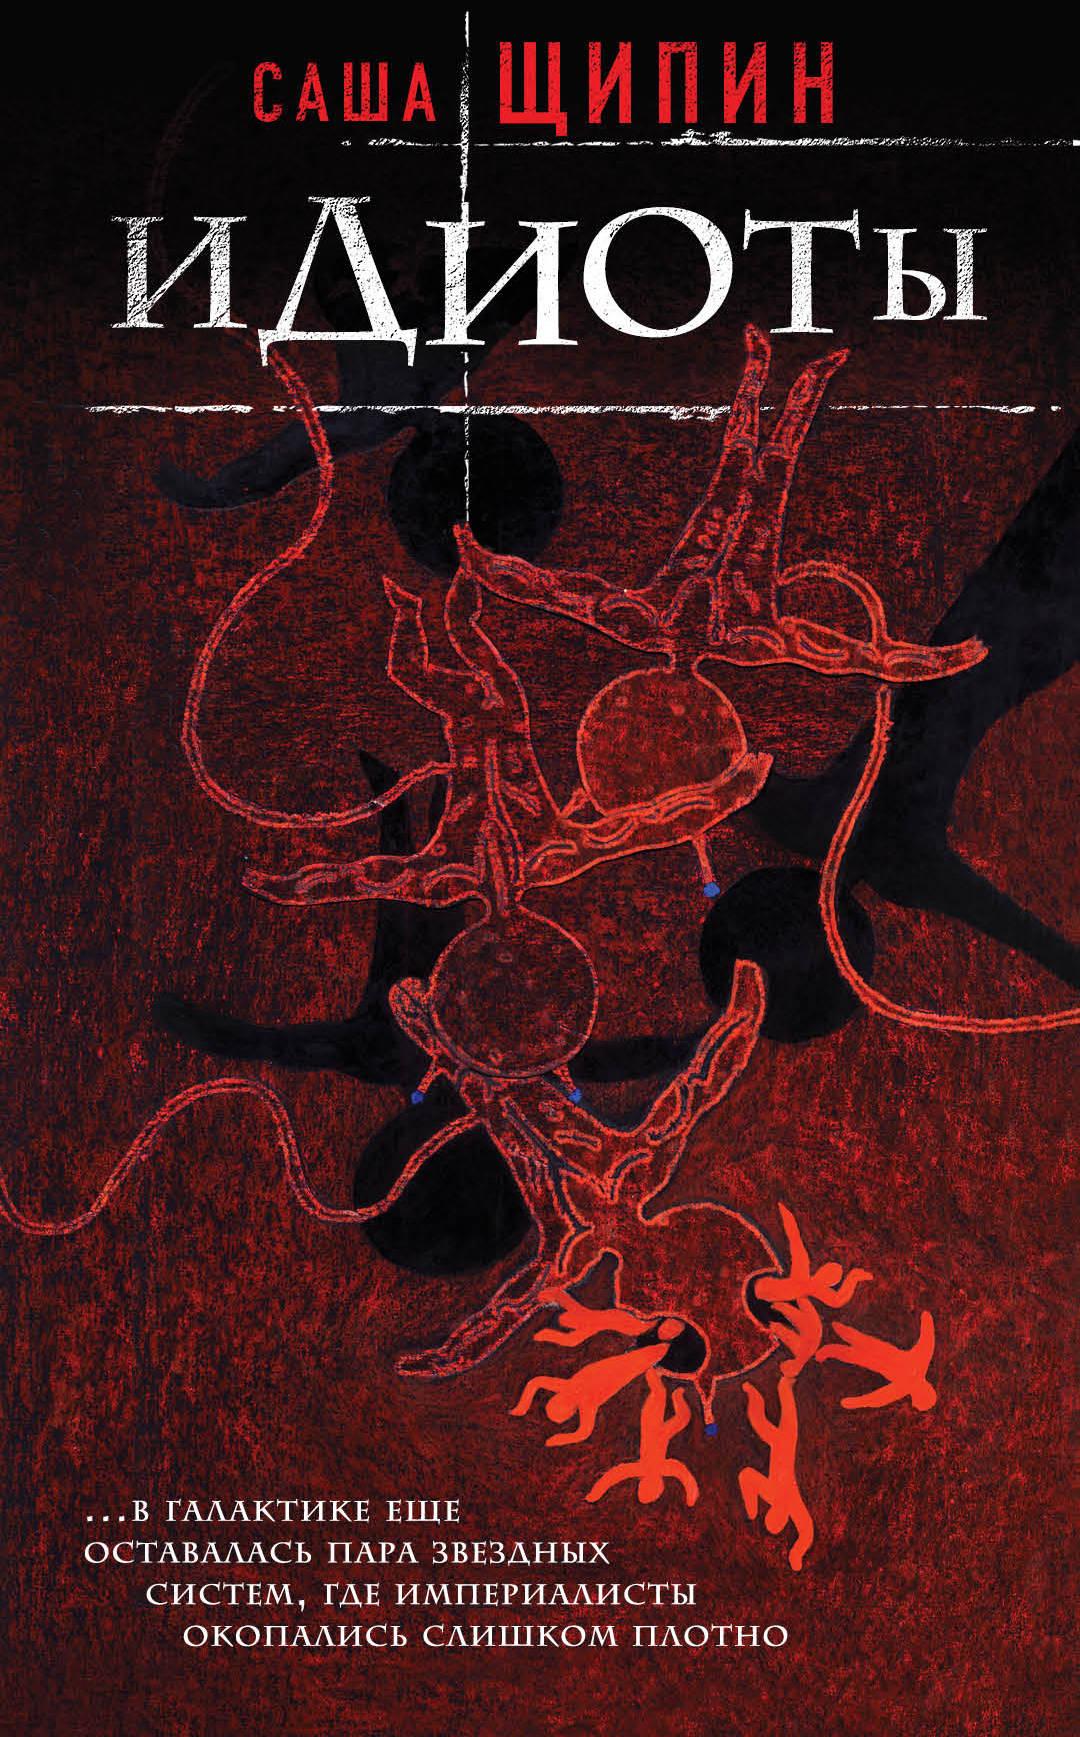 где купить Саша Щипин Идиоты ISBN: 978-5-04-093393-8 дешево